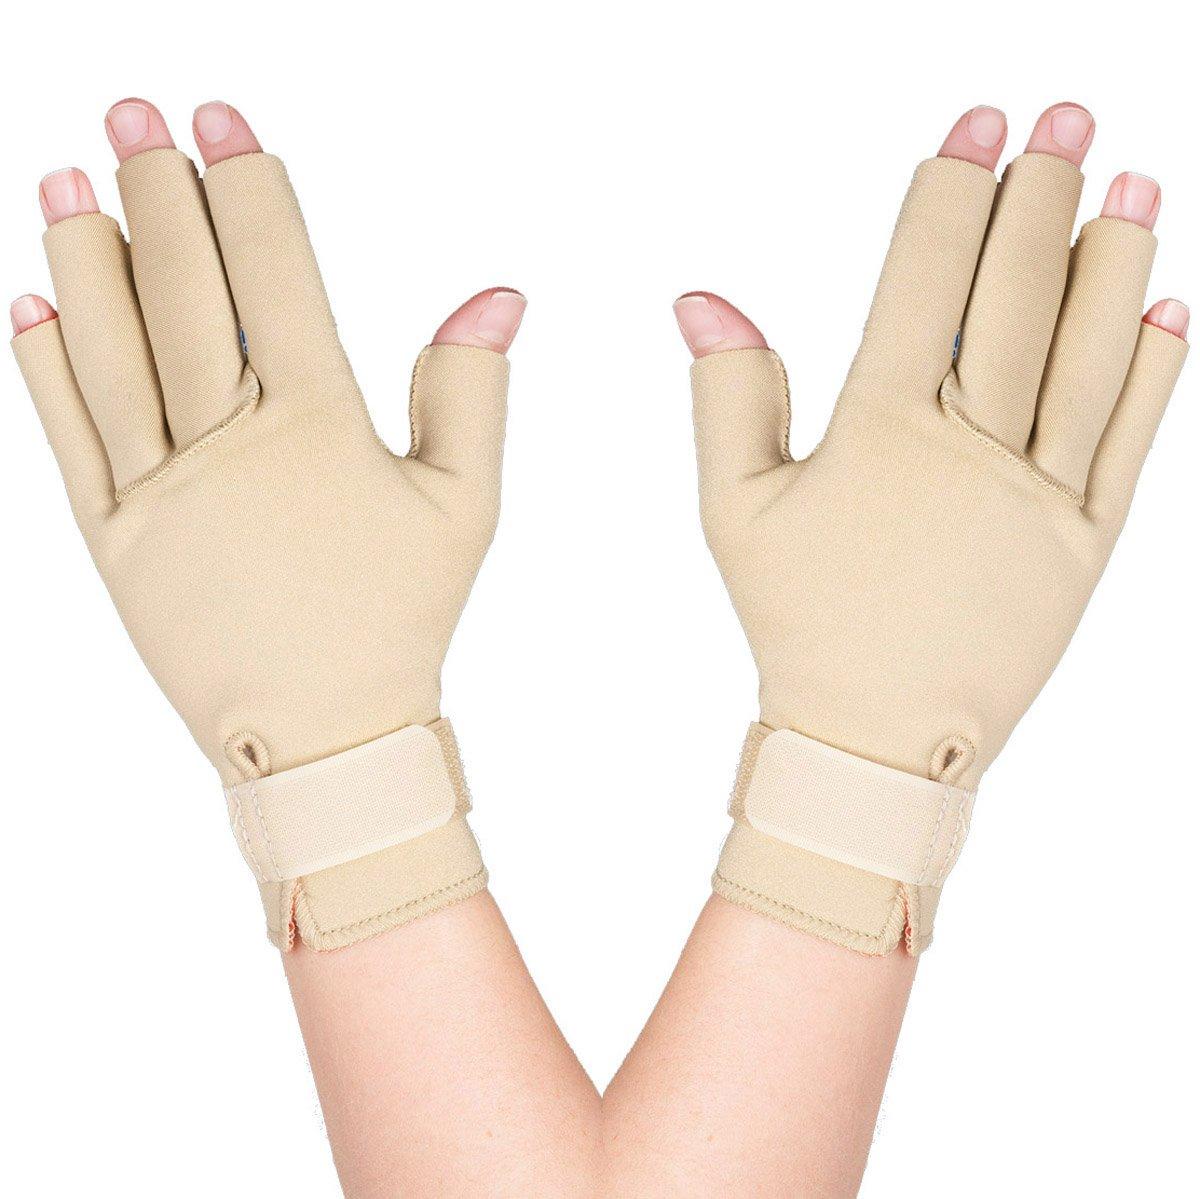 Thermoskin Arthritis Gloves, Beige, Medium